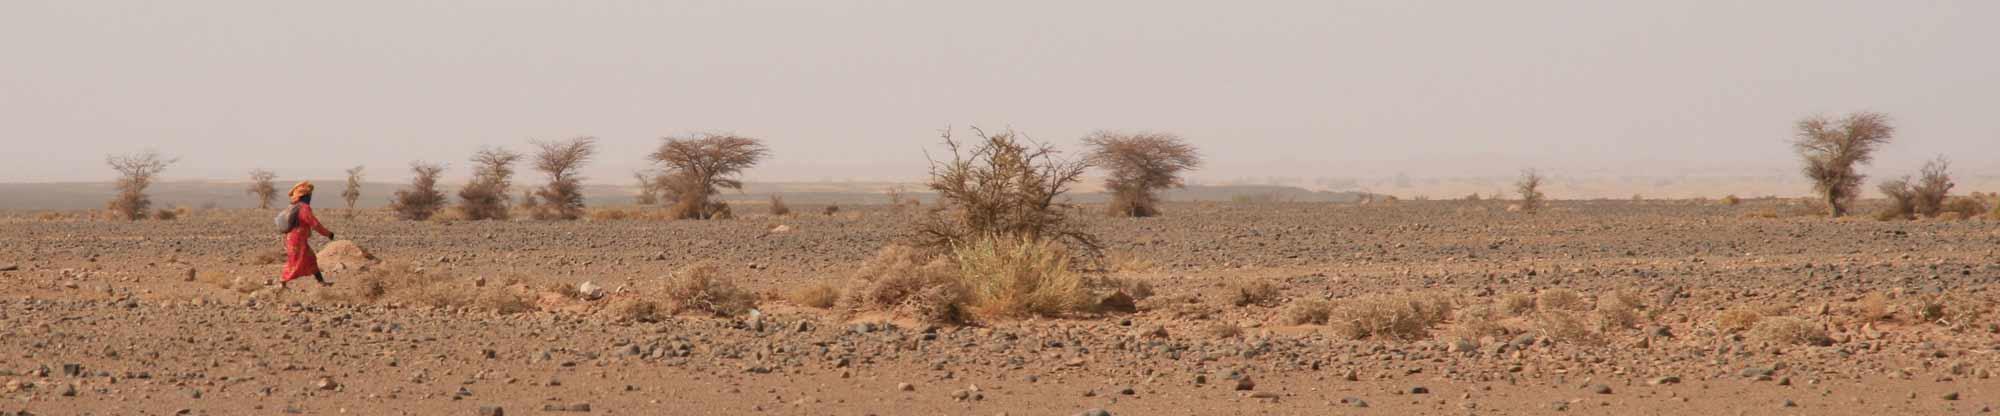 berber-marokko-wueste